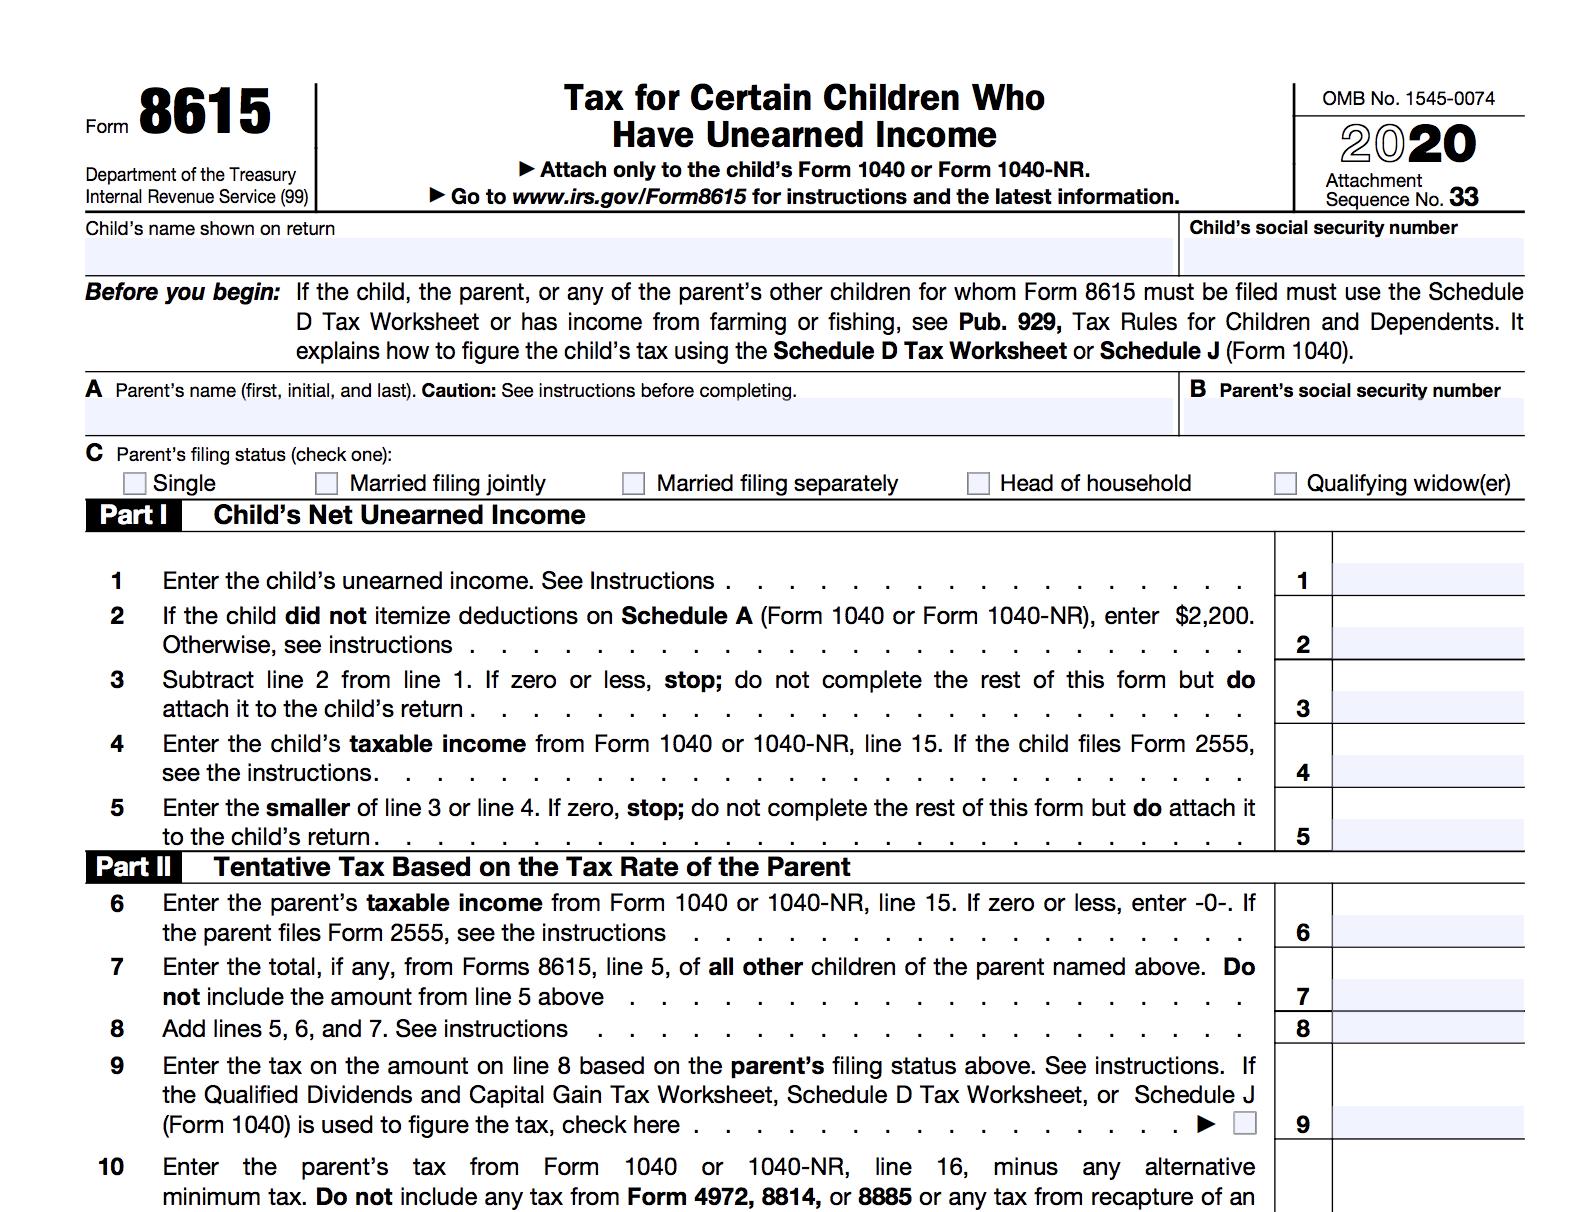 Screenshot of Form 8615